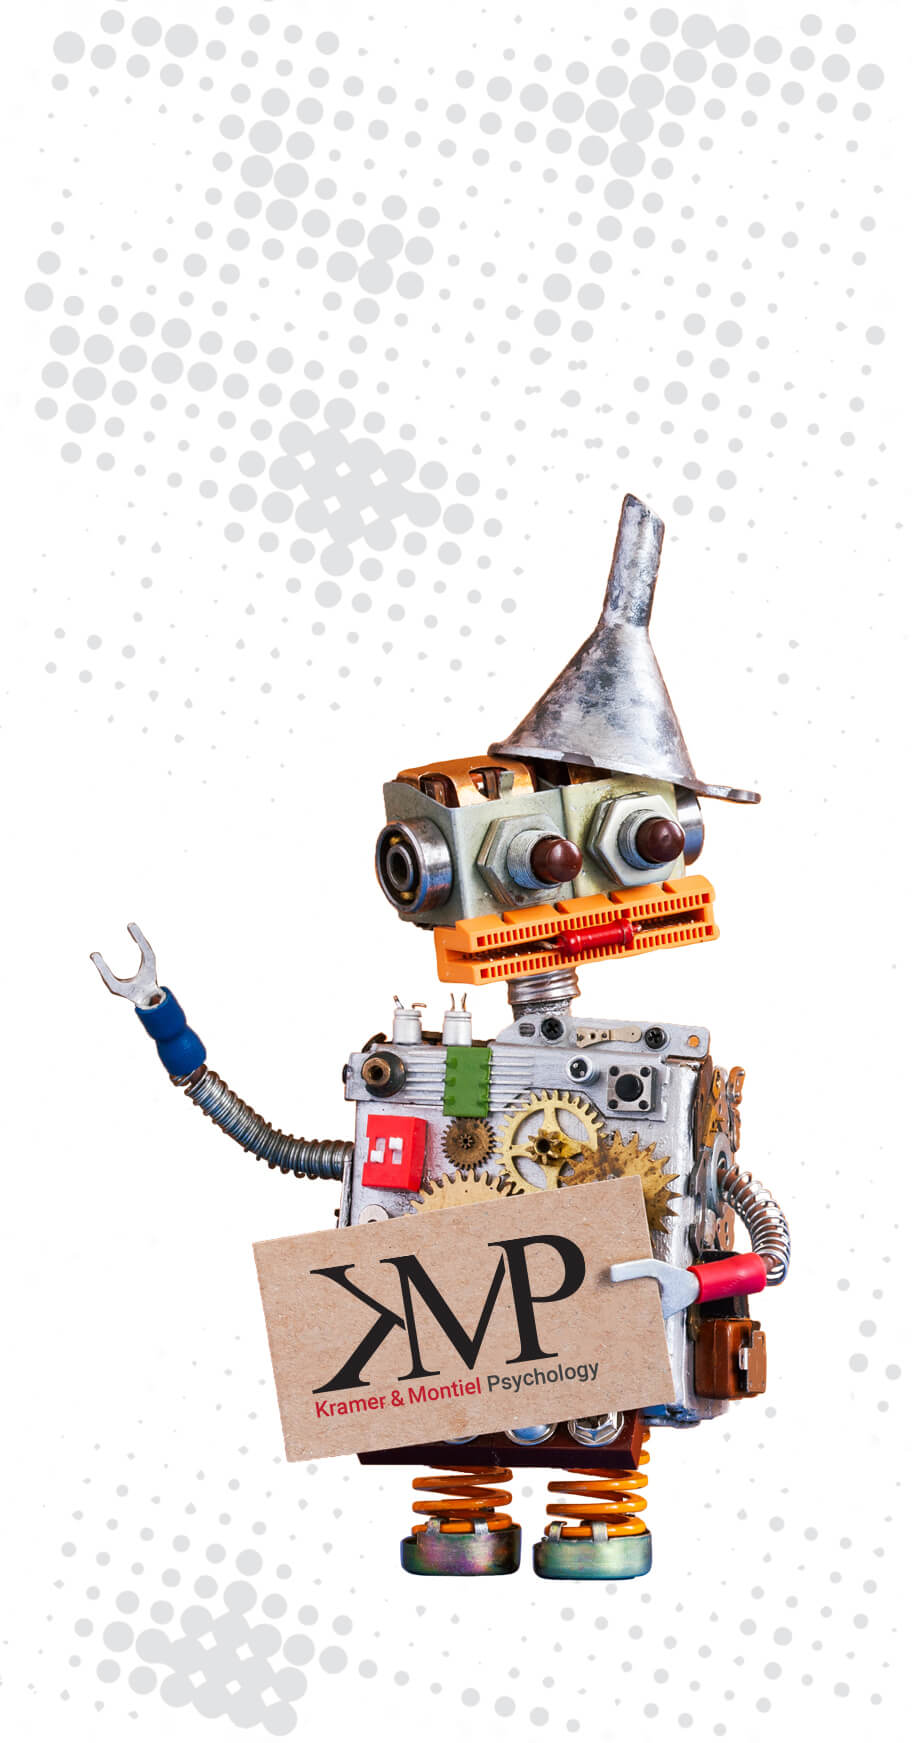 robot holding KMP logo